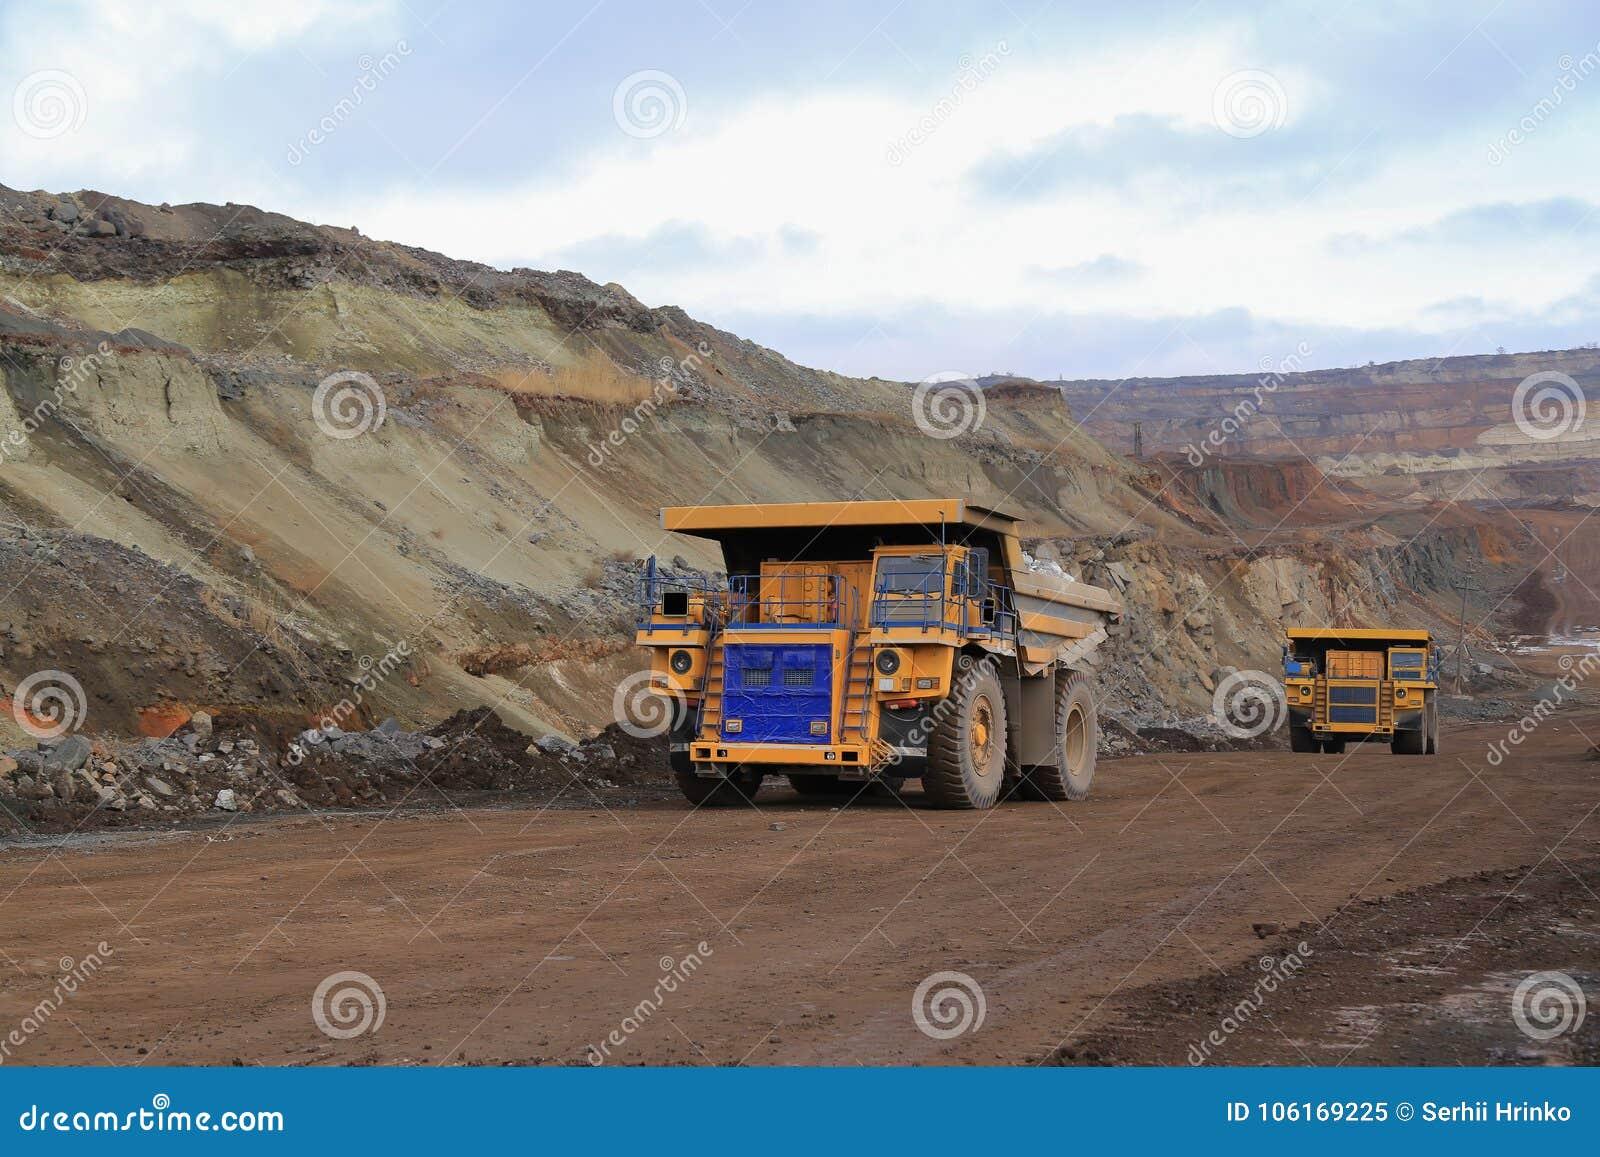 Trasporto del carico in una cava in macchina